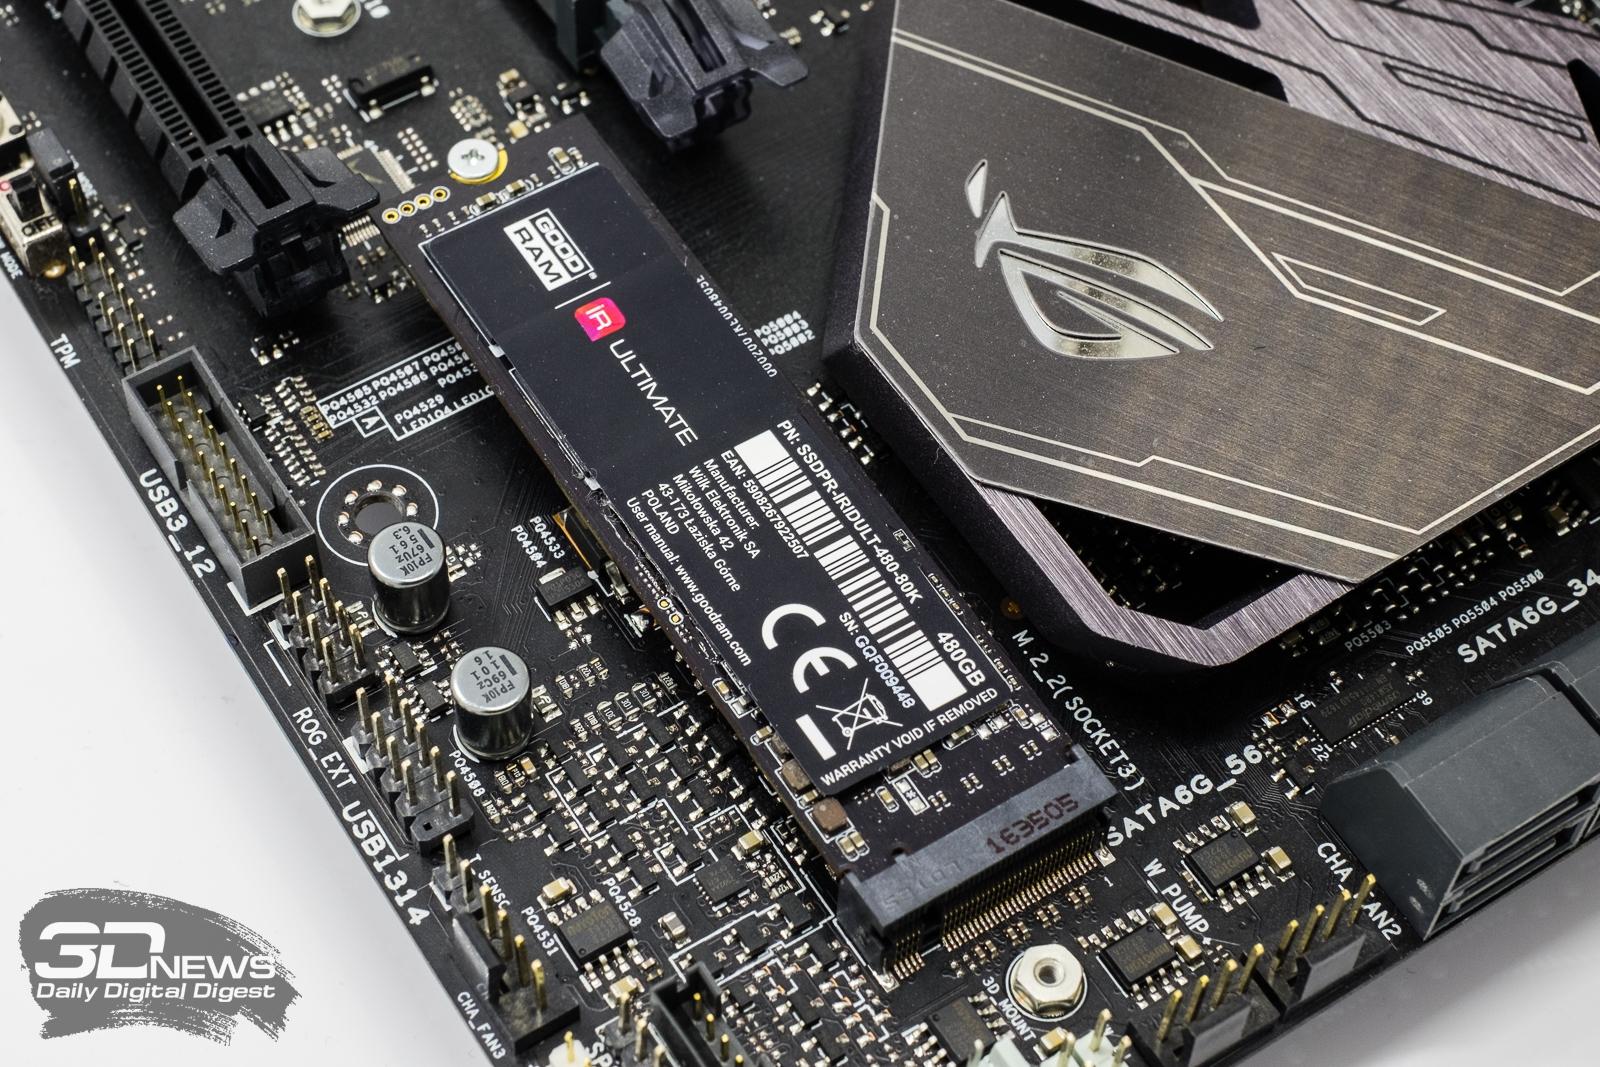 Новая статья: Обзор твердотельного накопителя IRDM Ultimate: первый NVMe SSD GOODRAM